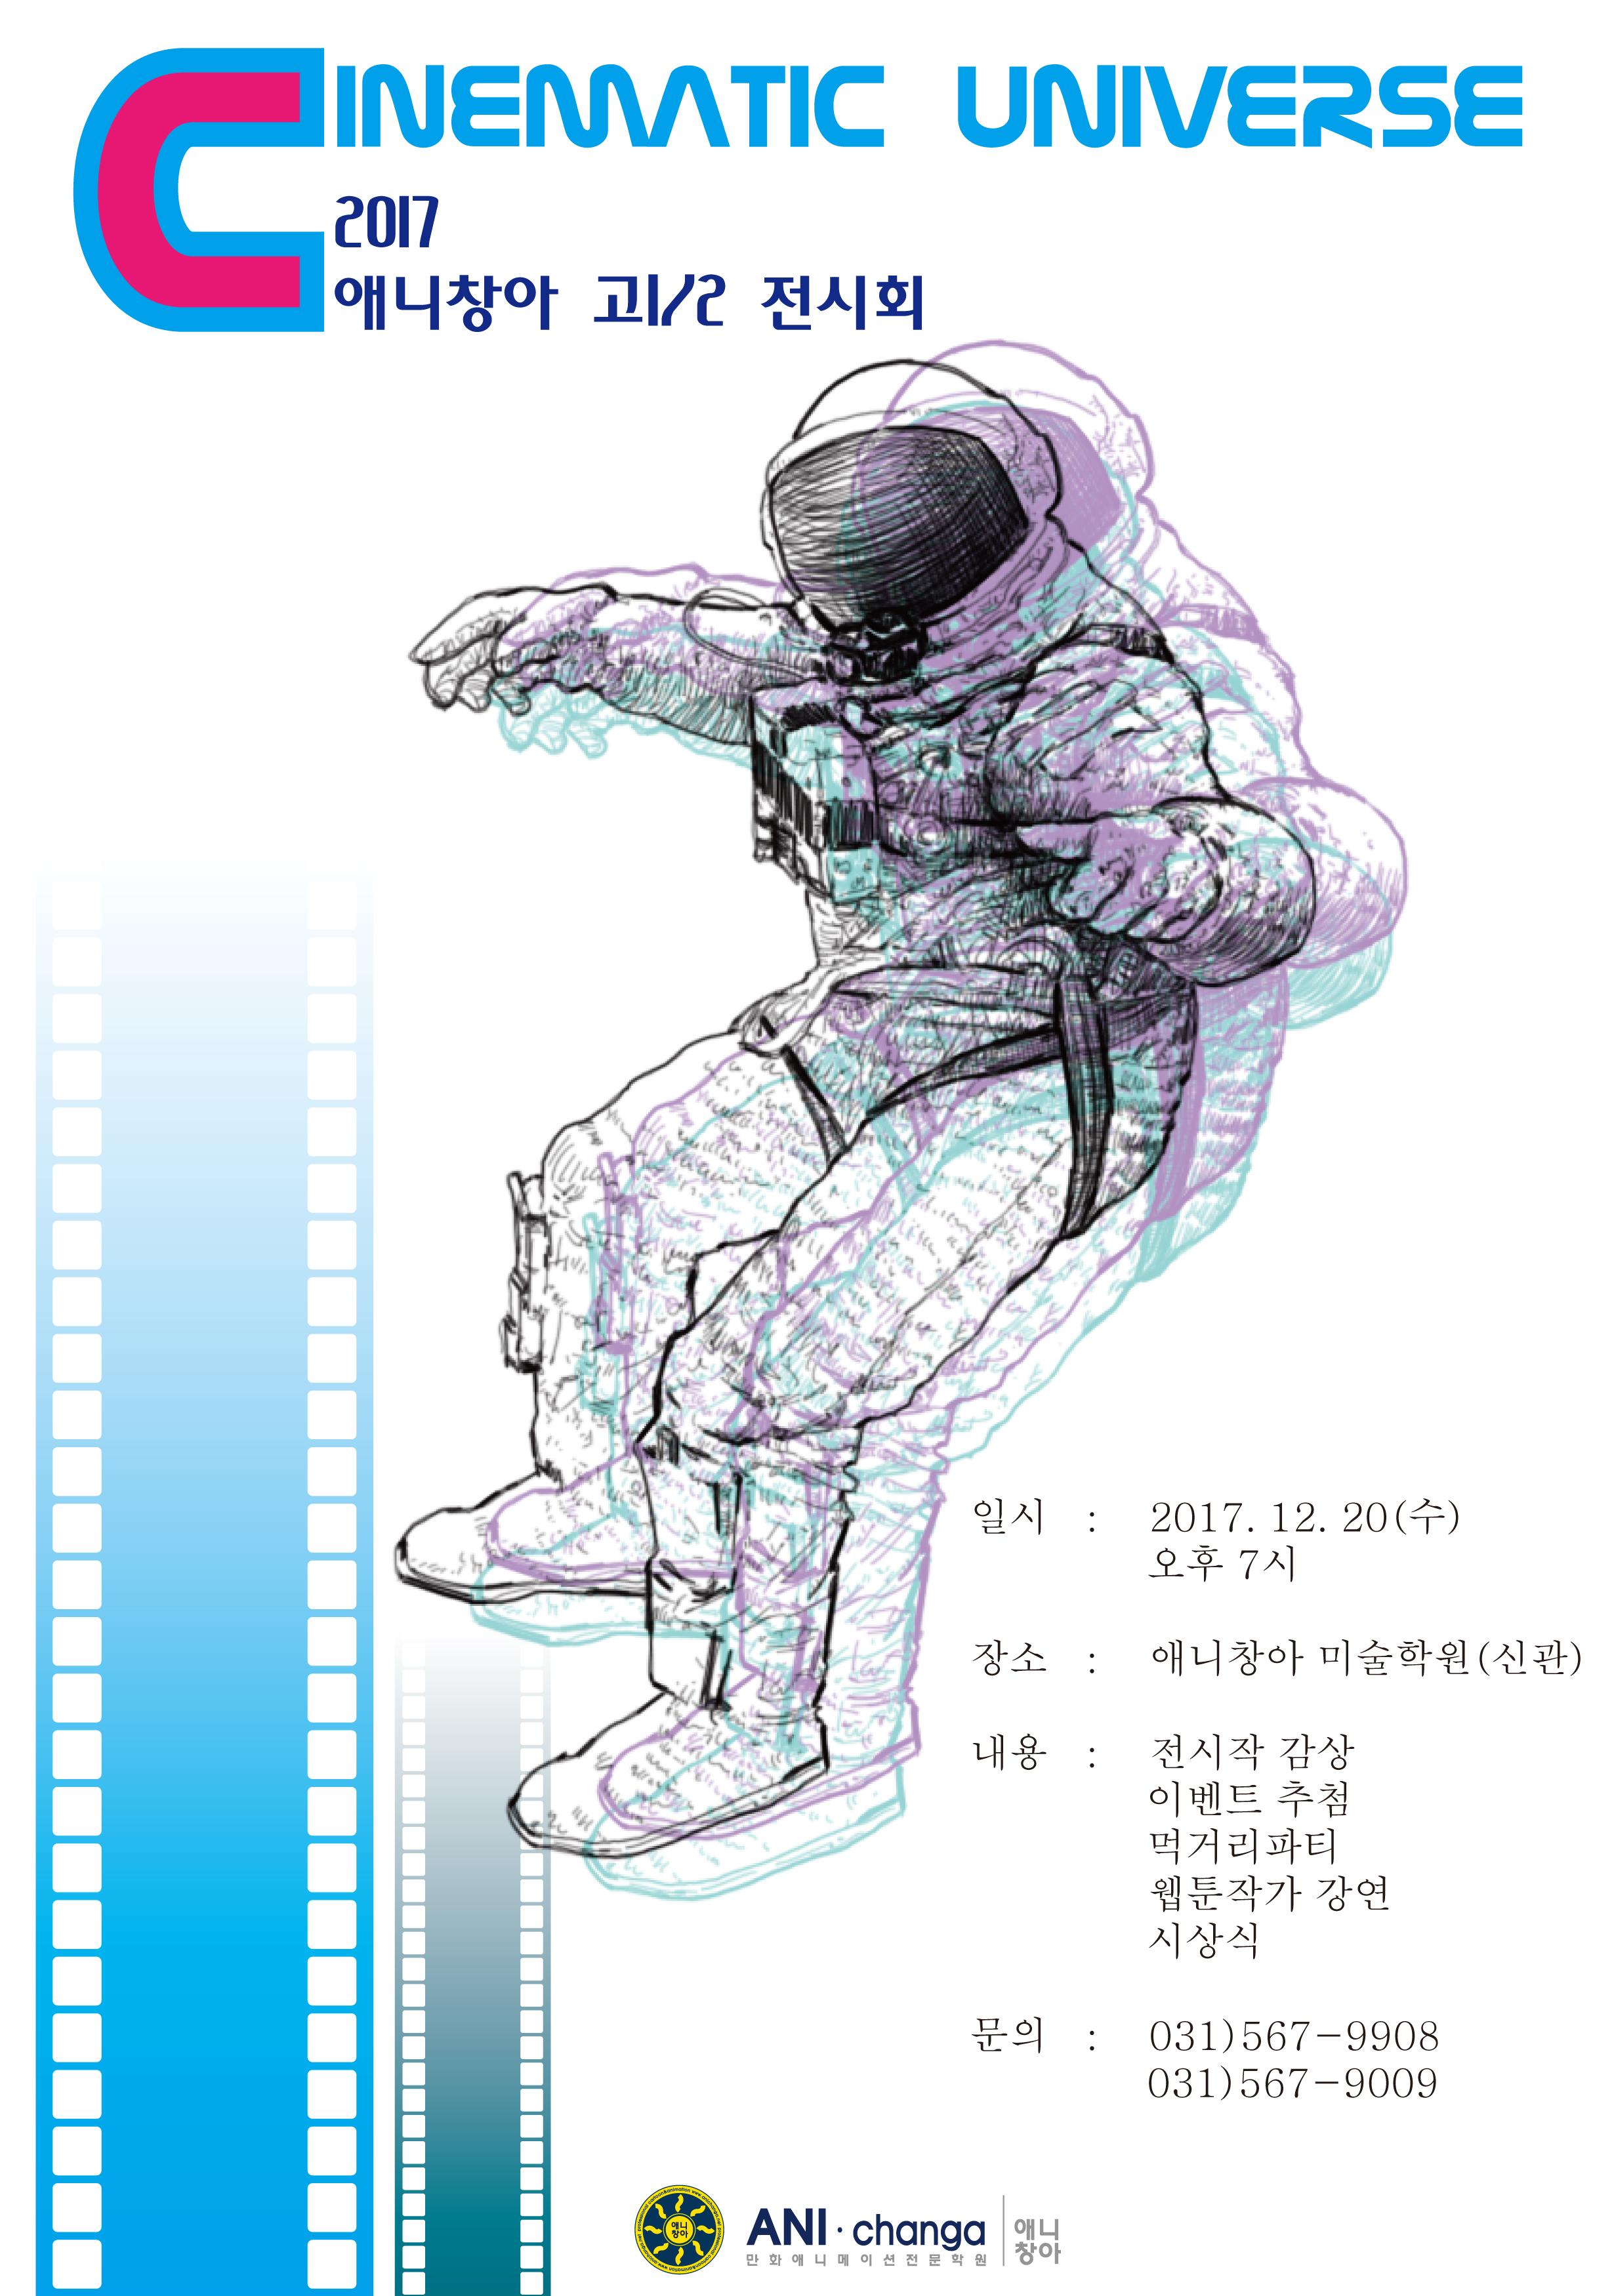 2017 애니창아 예비반전시회 준비중…